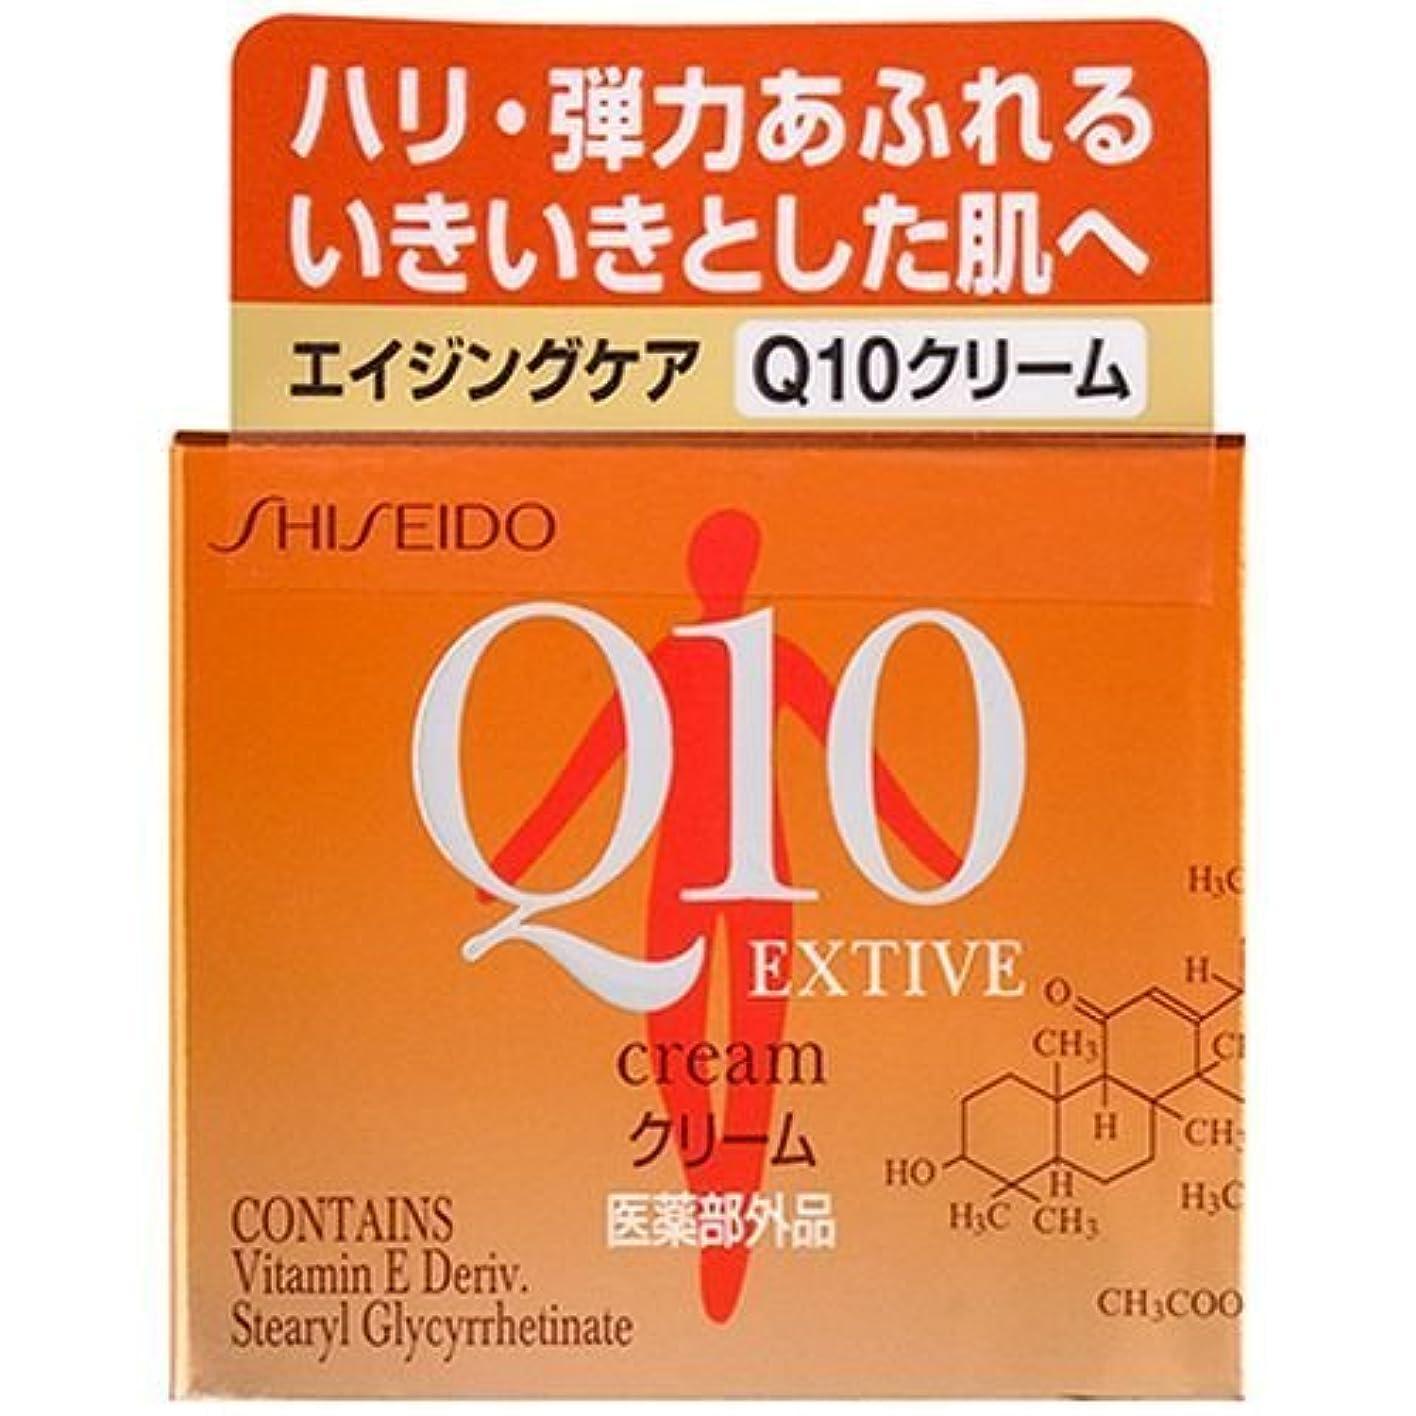 ページヘッドレス小川資生堂 Q10 クリーム 30g (エクティブクリーム)